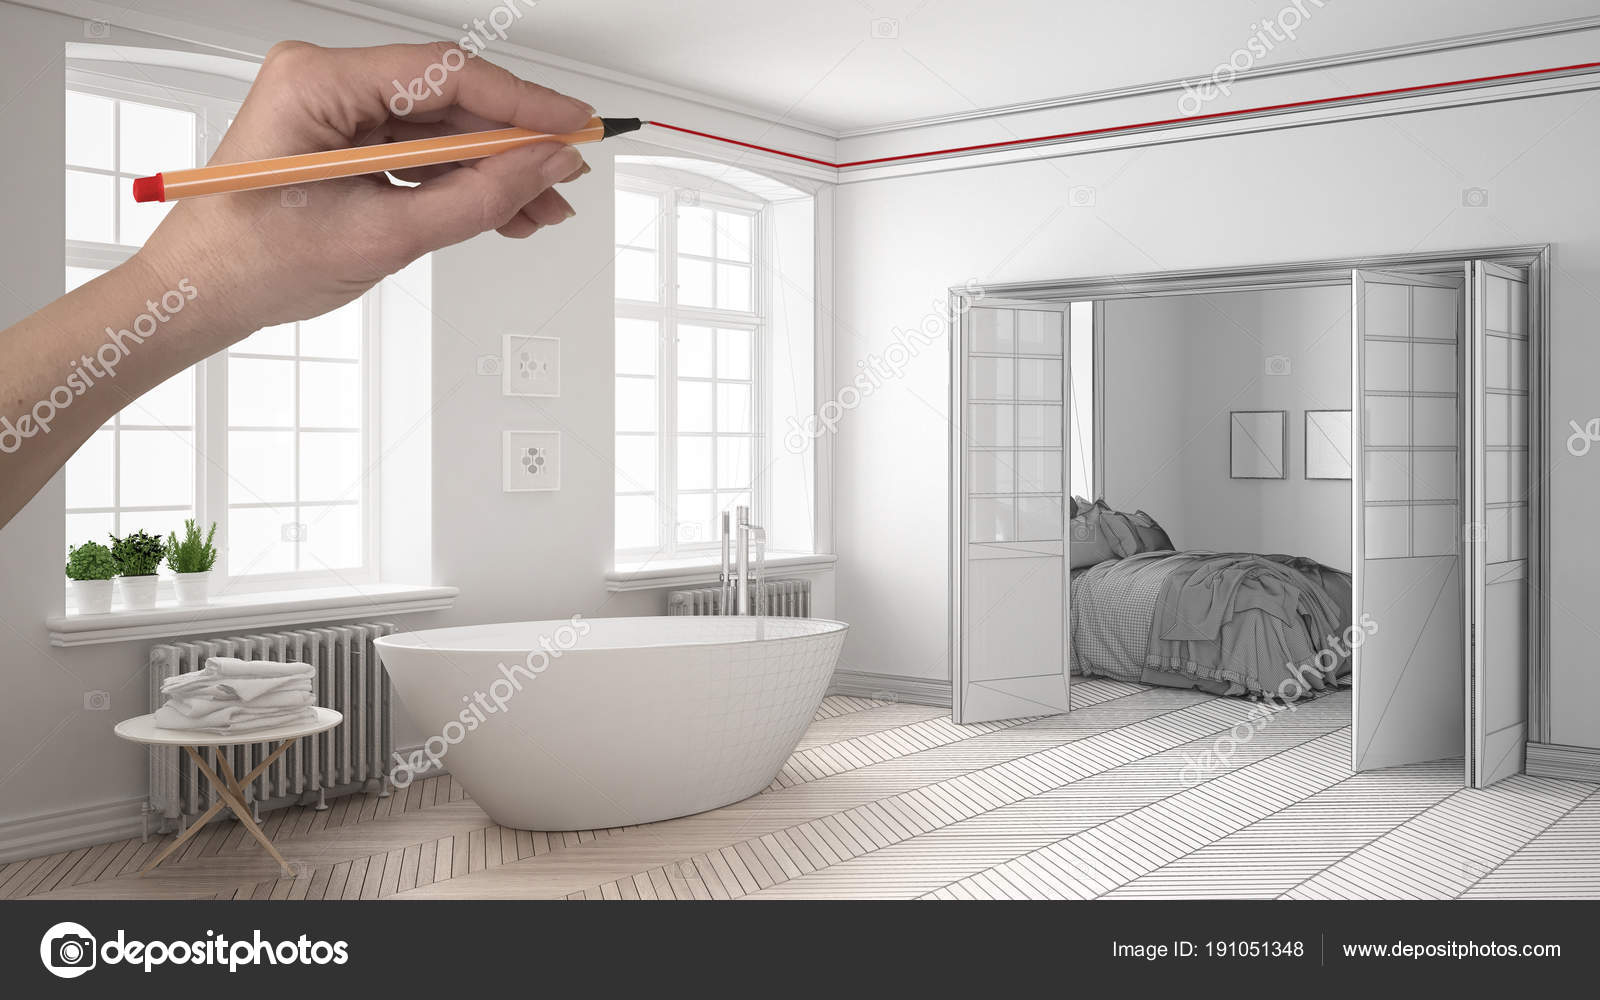 Bagno classico moderno personalizzato bianco e legno con camera da